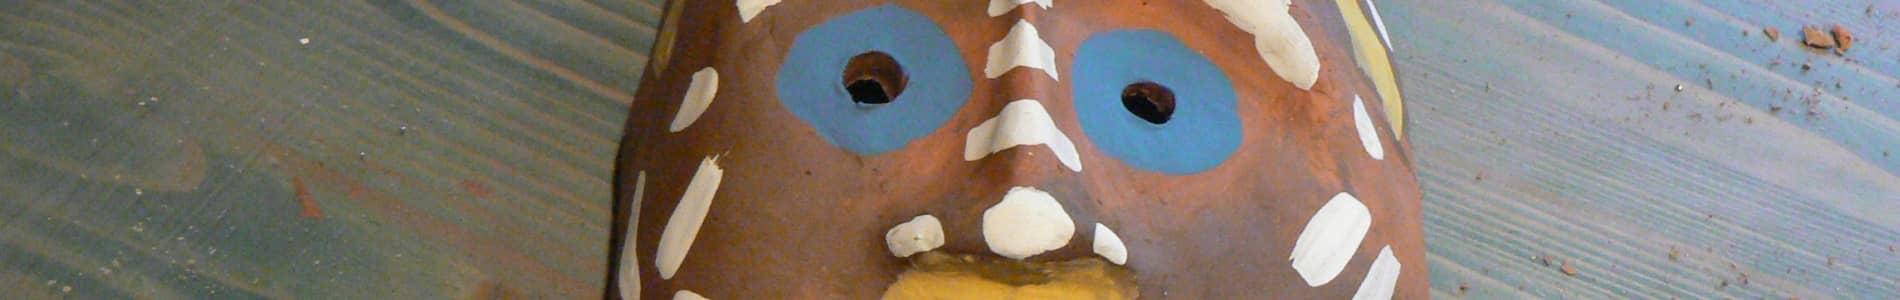 keramika děti 2